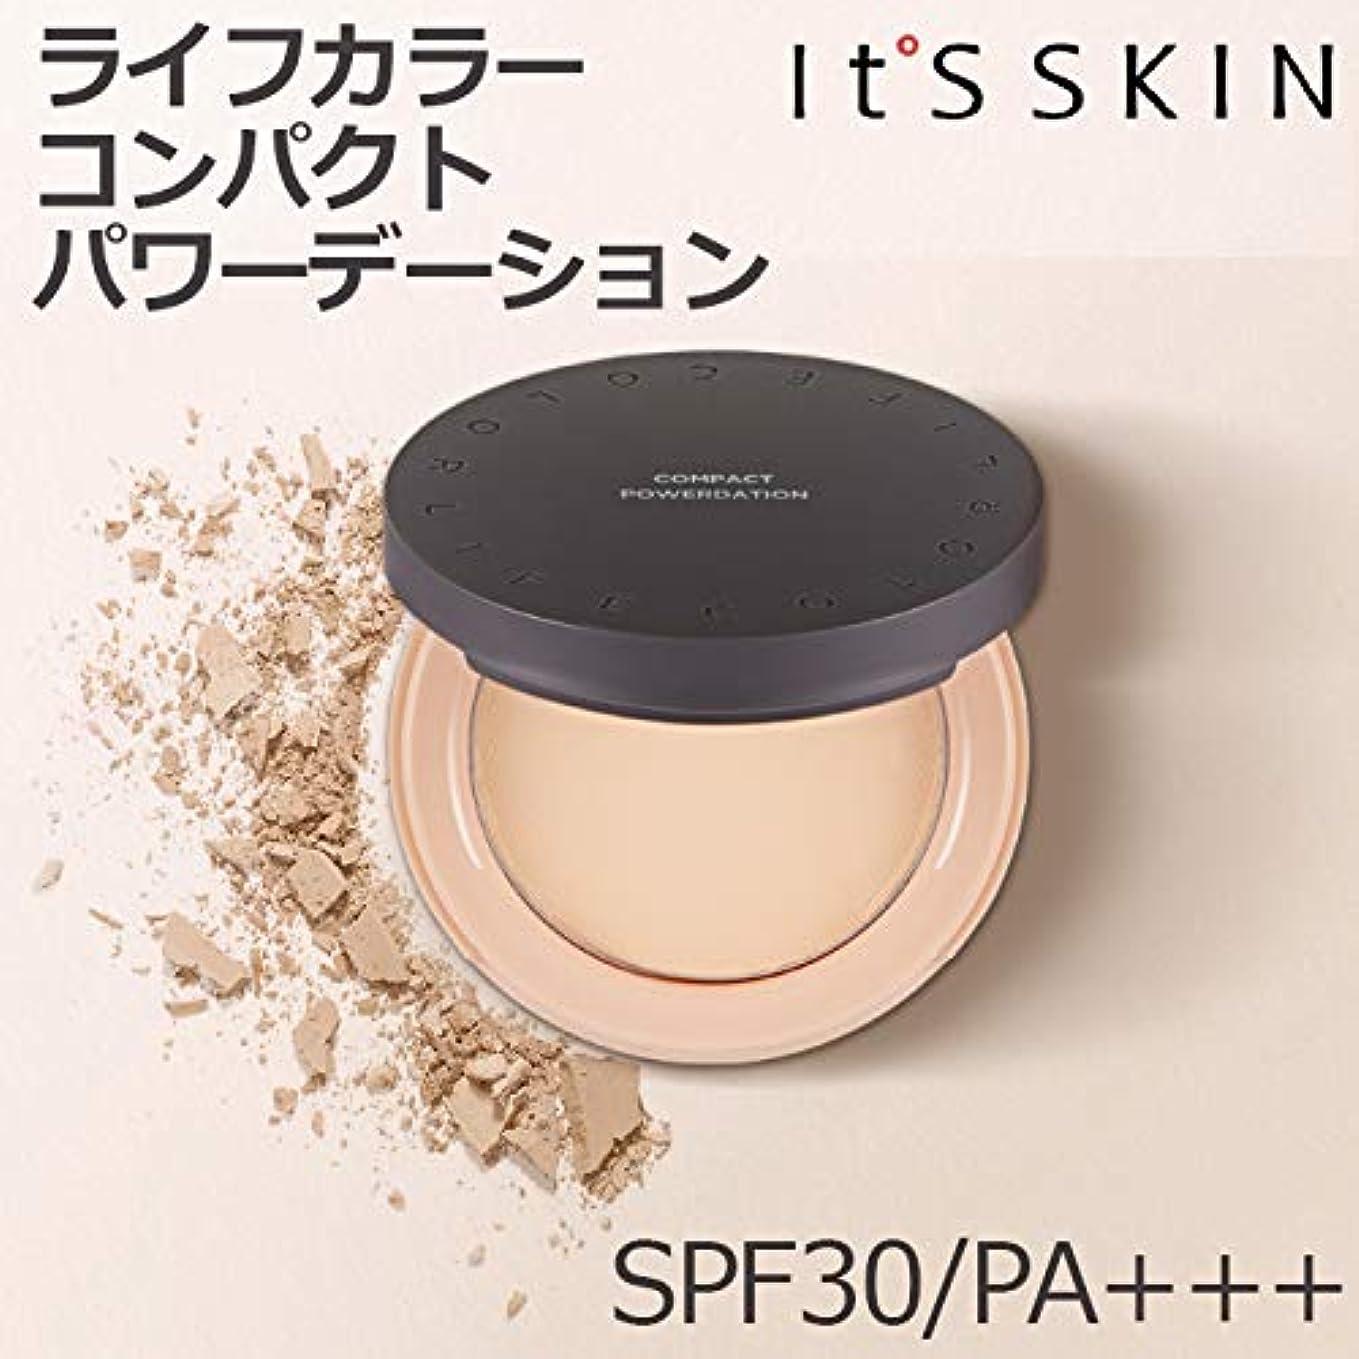 異形単独でつぶやきIts skin イッツスキン ライフ カラー コンパクト パワー デーション 13g (2カラー 選択1) 21号 ライト,パウダー